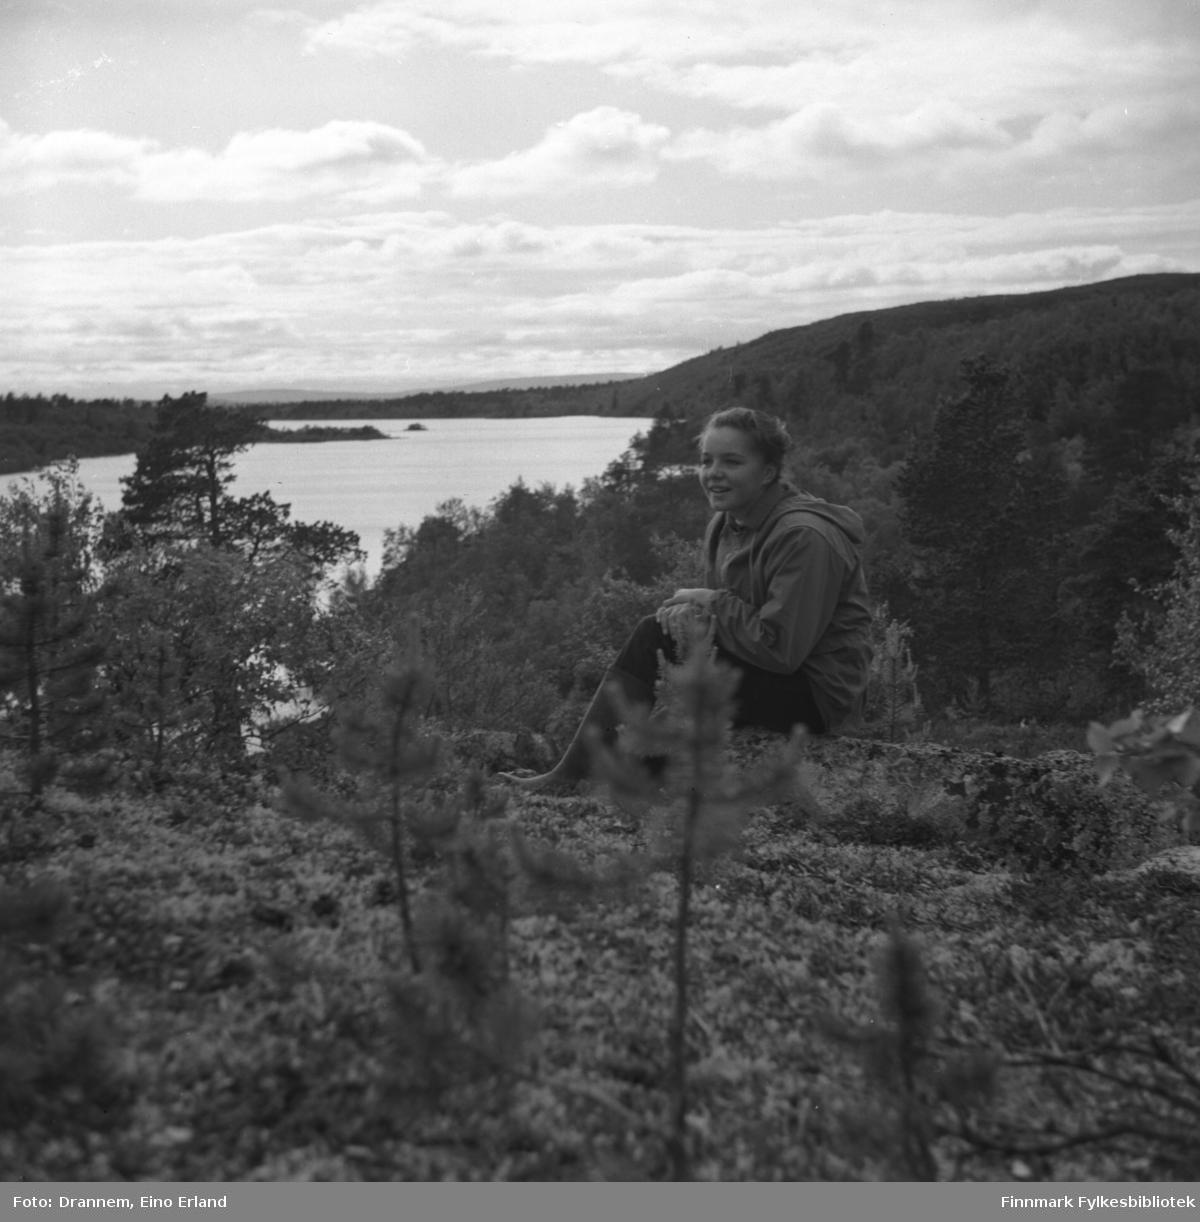 Portrett av Maija Hoikka (født Gerasemoff), Luolajärvi i bakgrunn